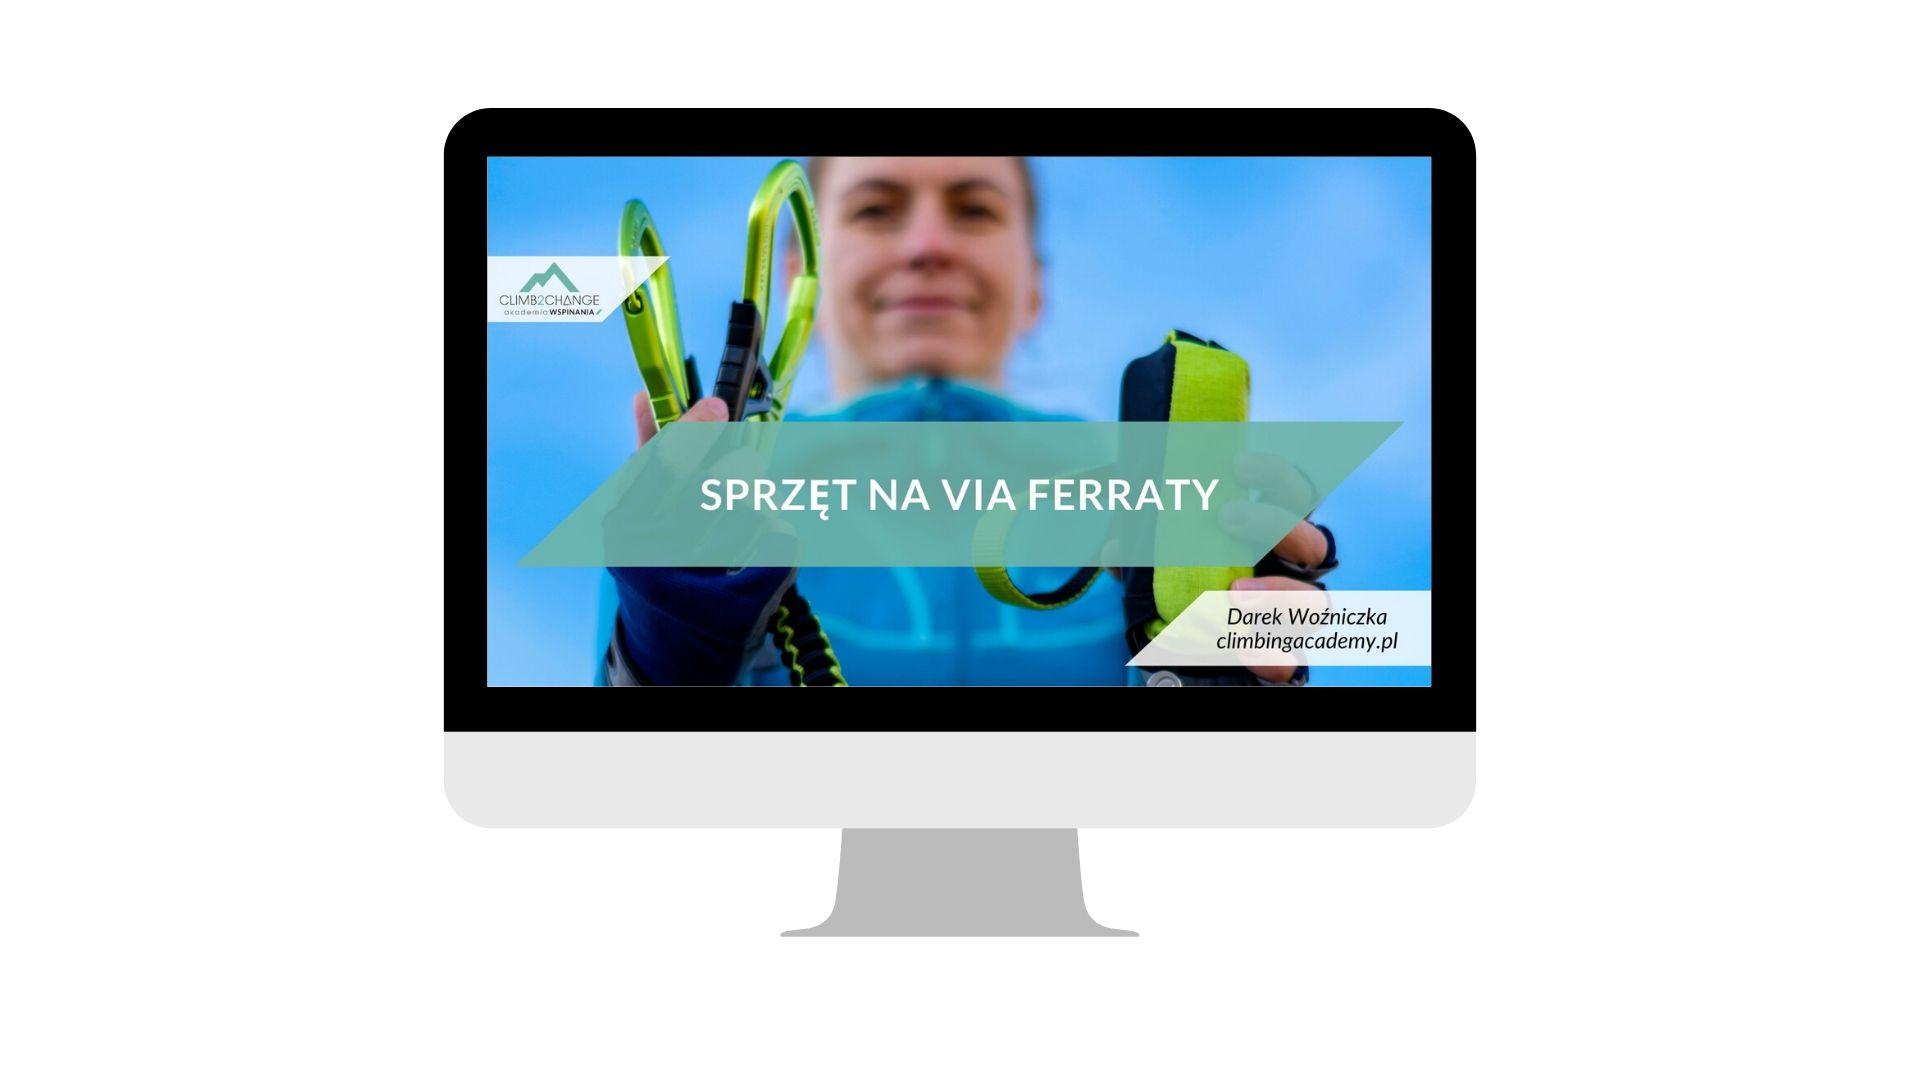 sprzet-na-via-ferraty-szkolenie-online-cover-climb2change